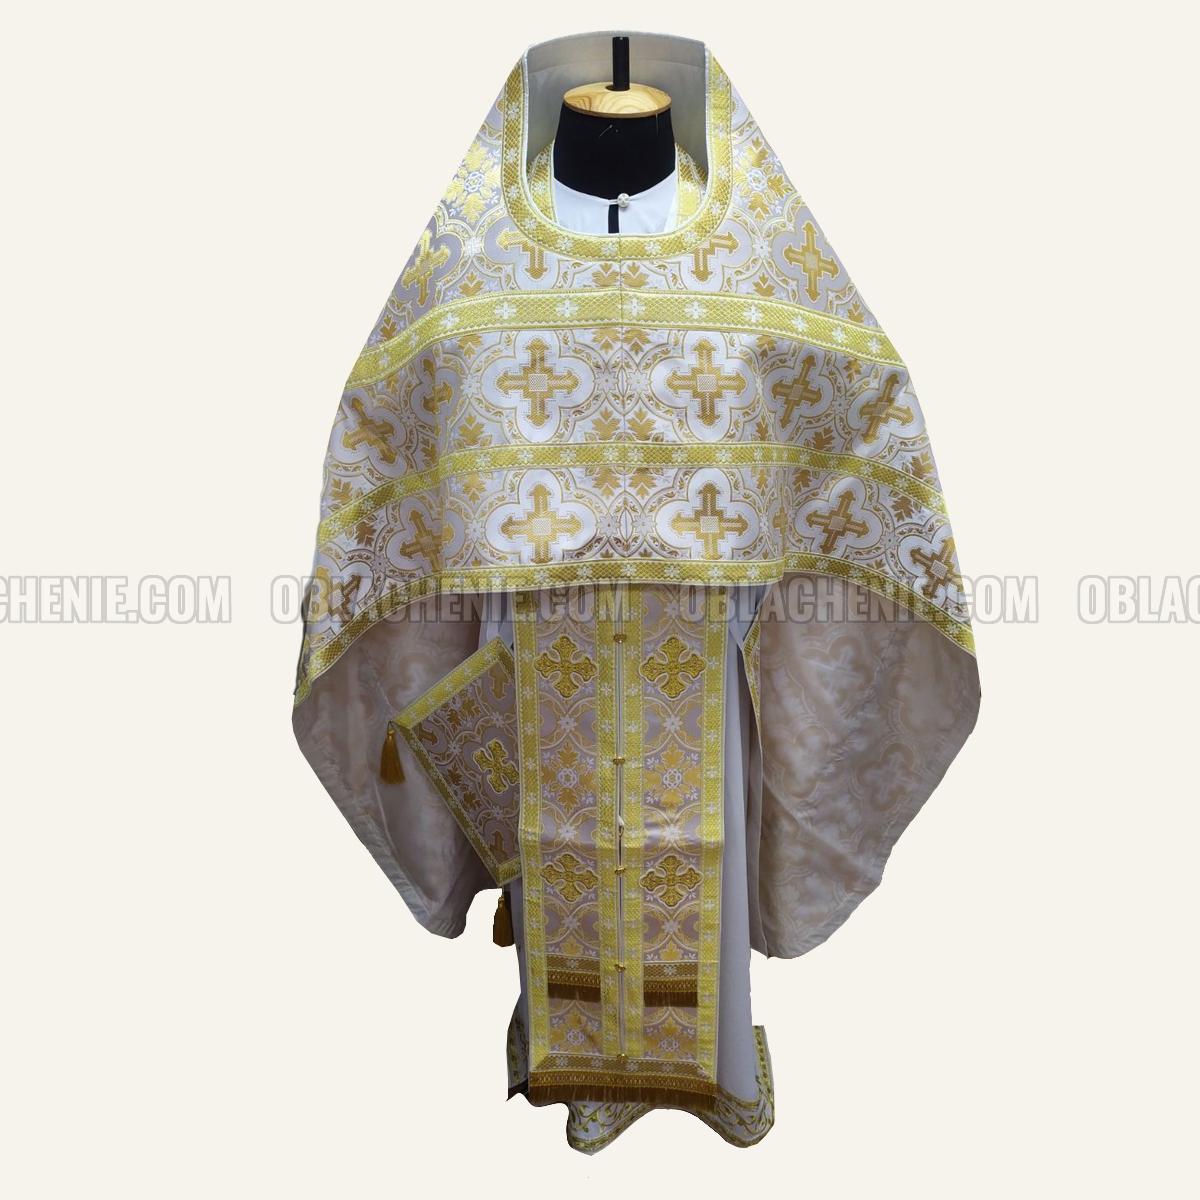 PRIEST'S VESTMENTS 10959